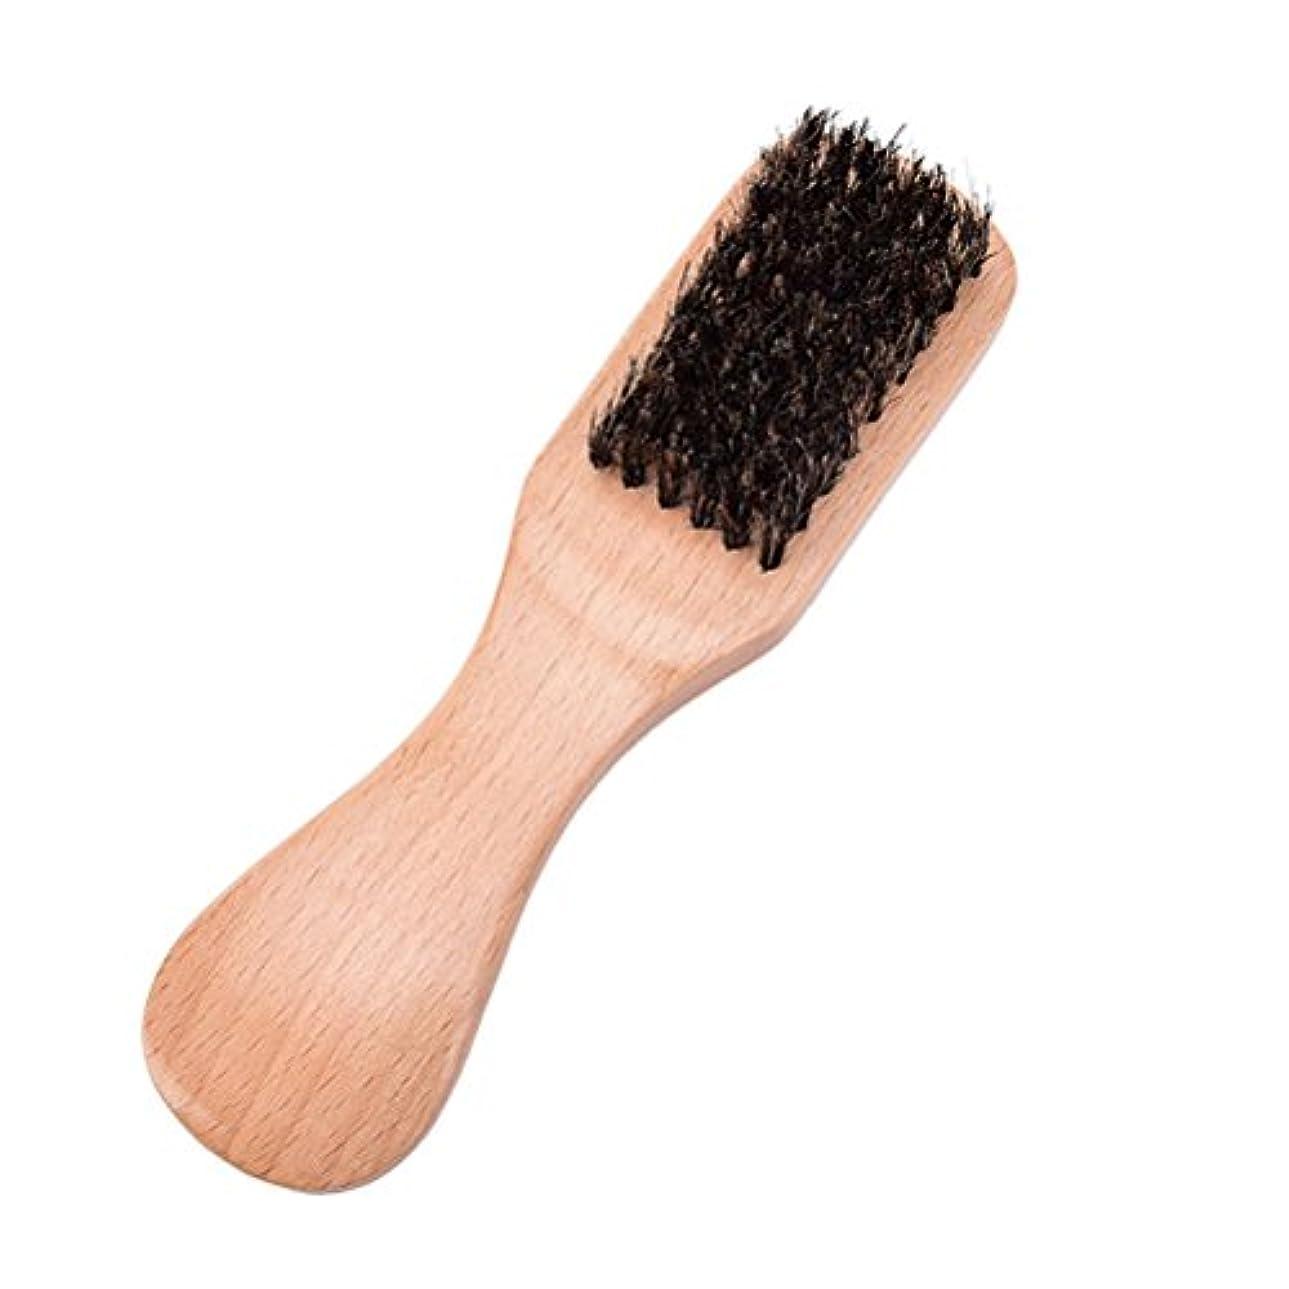 スティック解決憎しみVORCOOL ひげそりのブラシの猪毛皮の口ひげのブラシ柔らかい自然な毛の毛のブラシの木製のハンドル